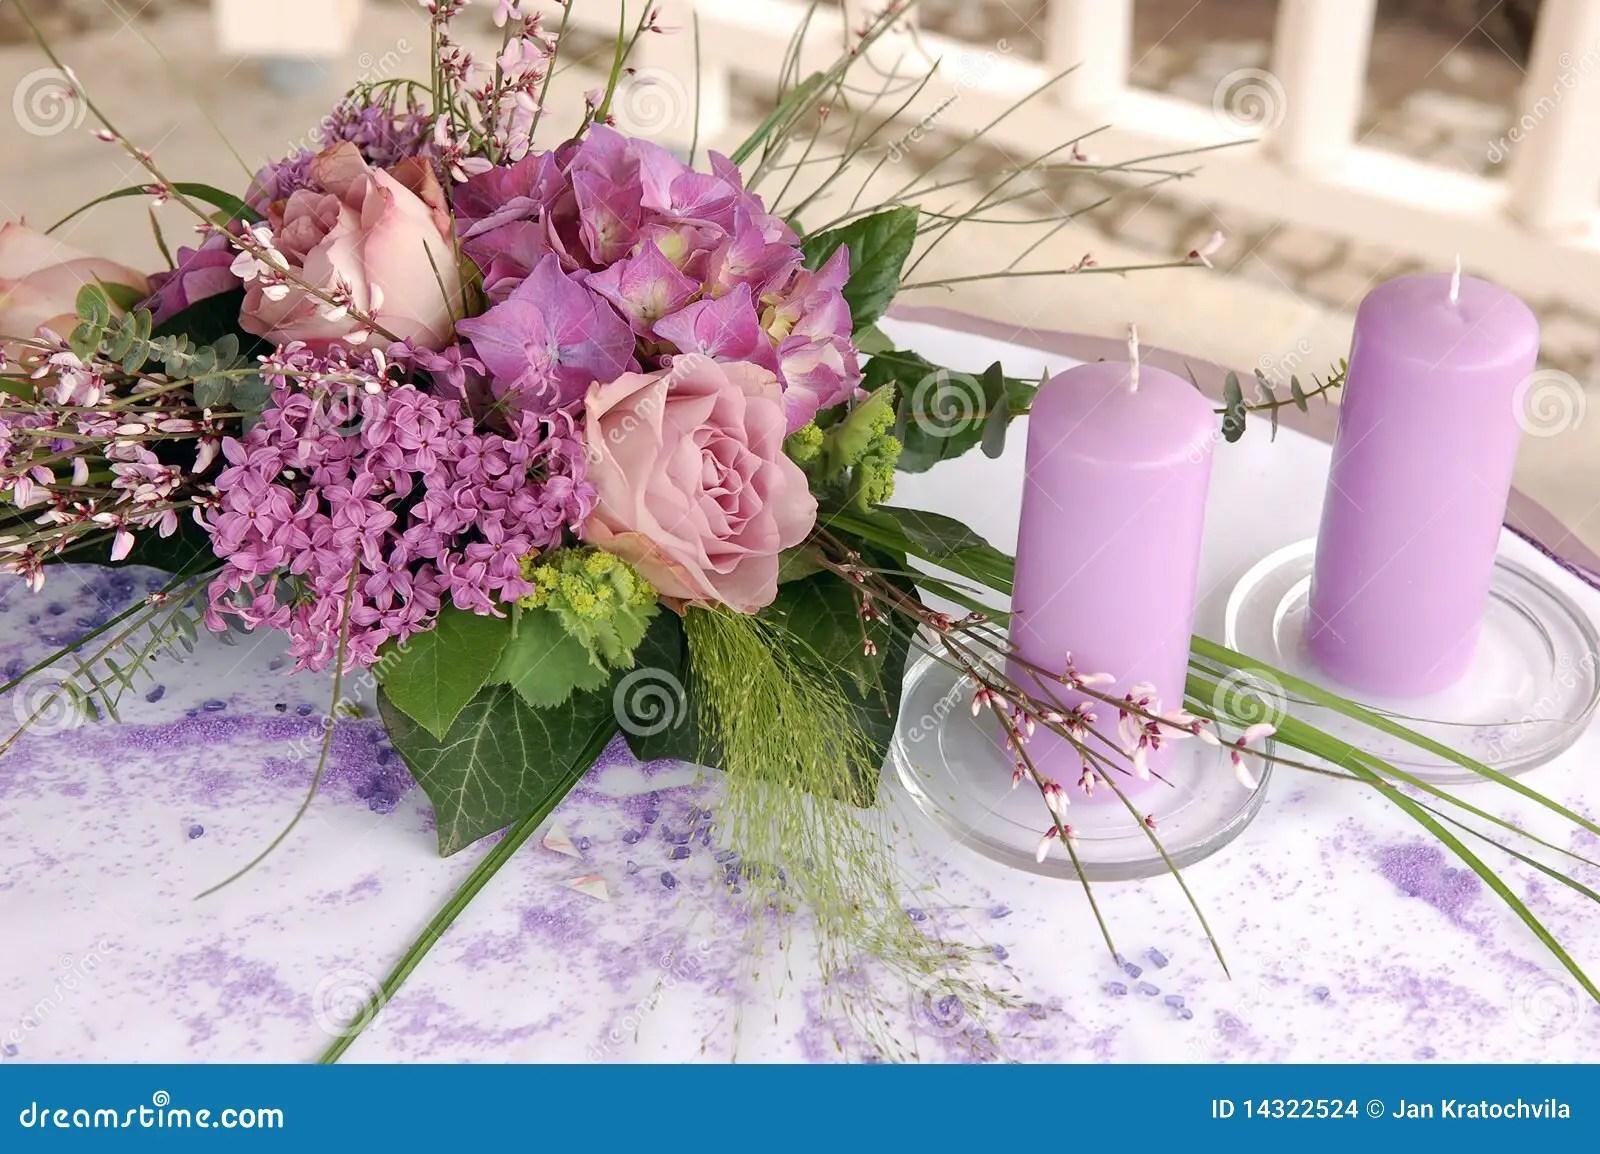 royalty free stock photo wedding decoration image wedding decoration Violet wedding decoration Stock Images